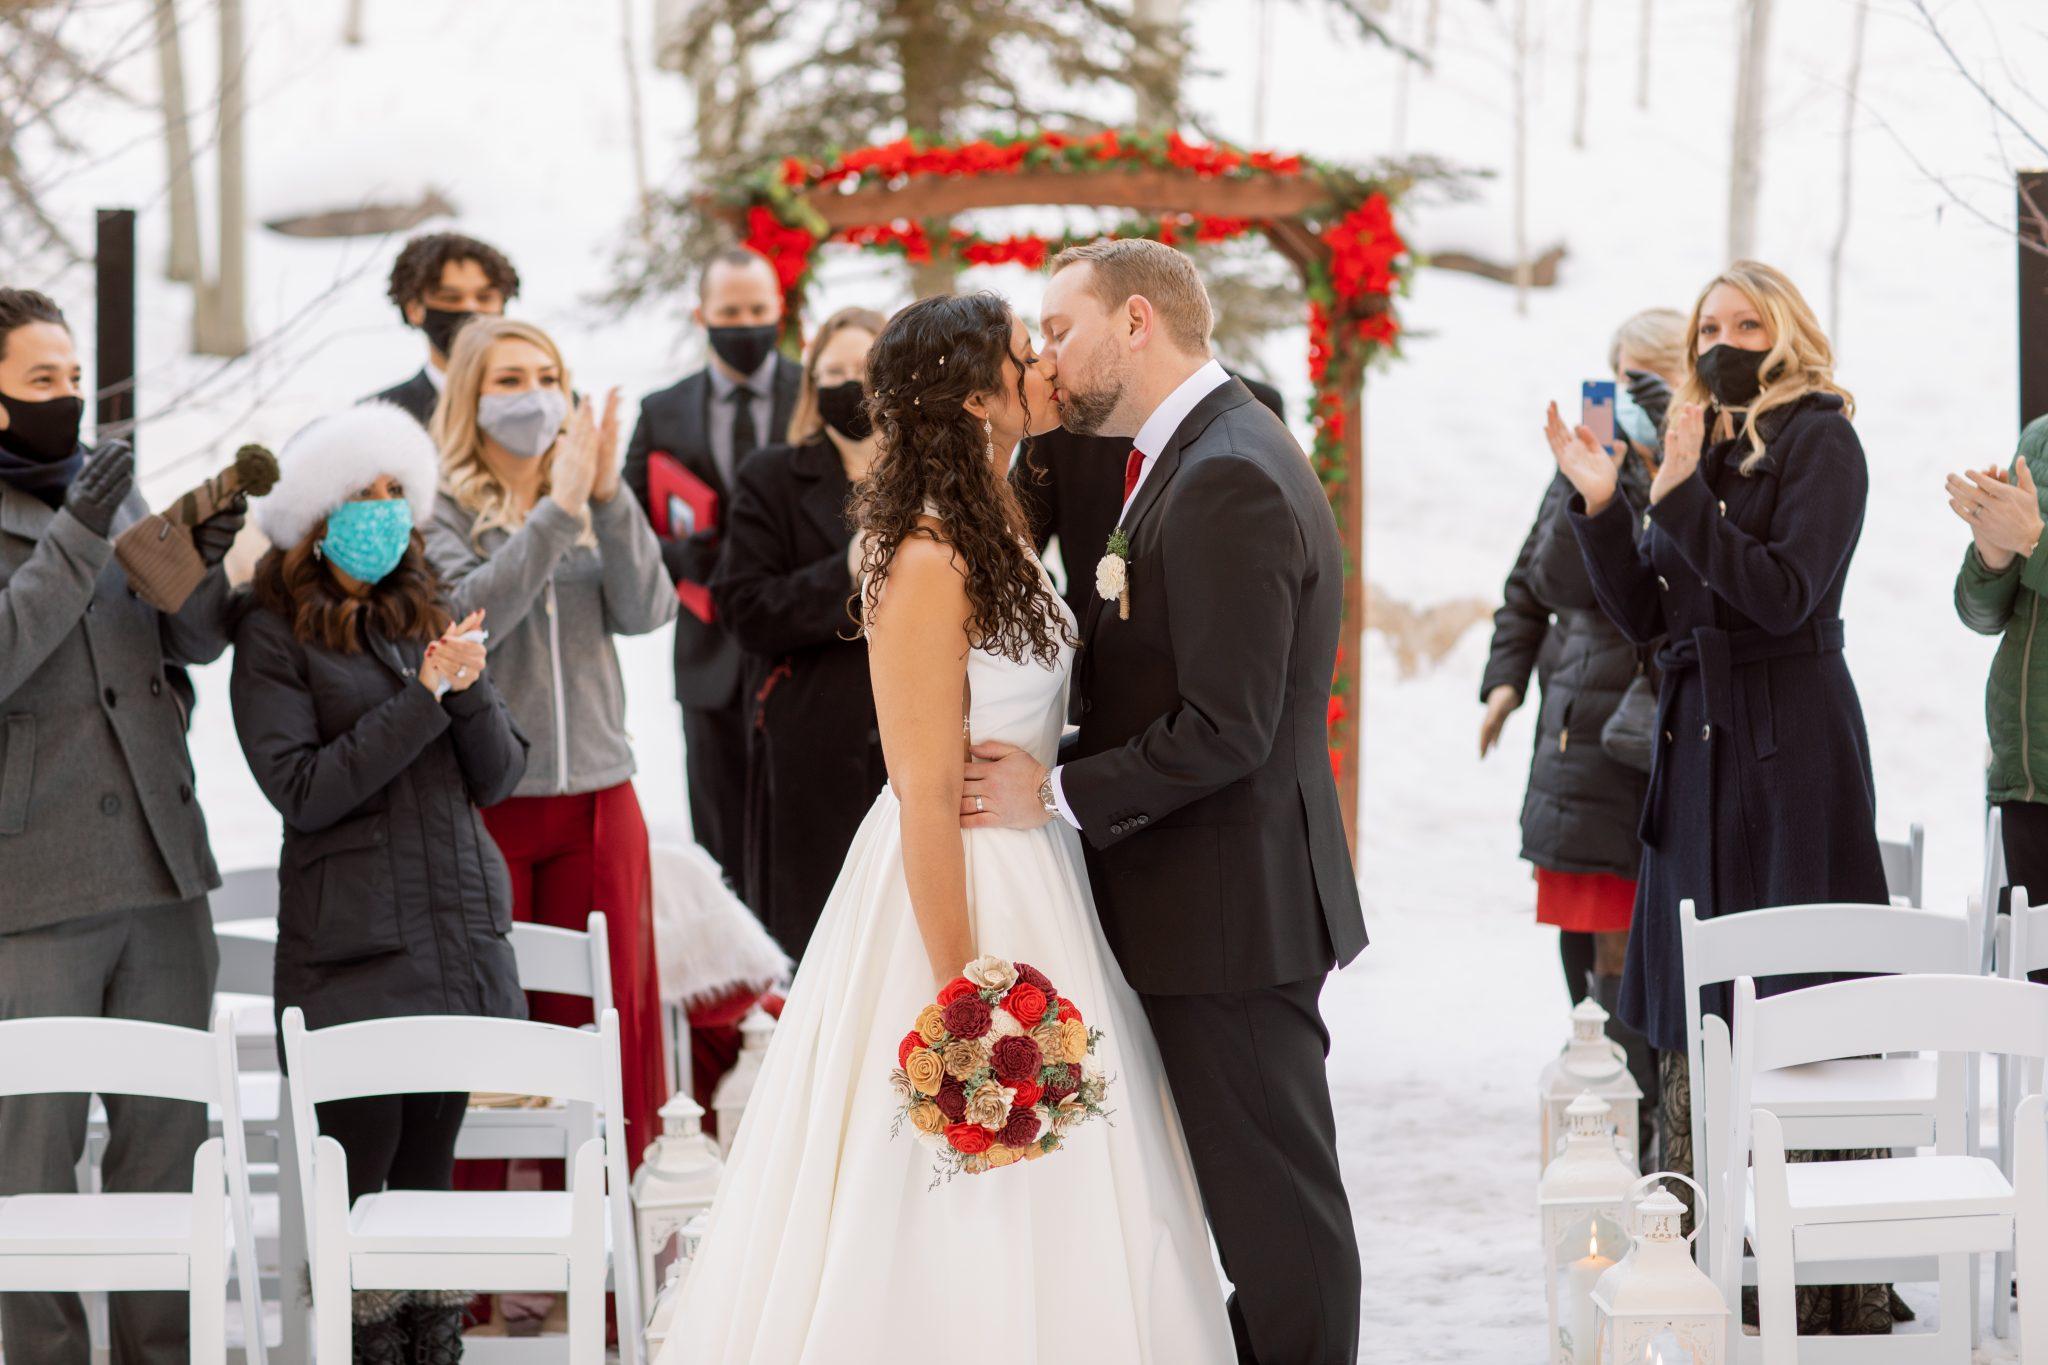 Covid Wedding in Beaver Creek Colorado 2020